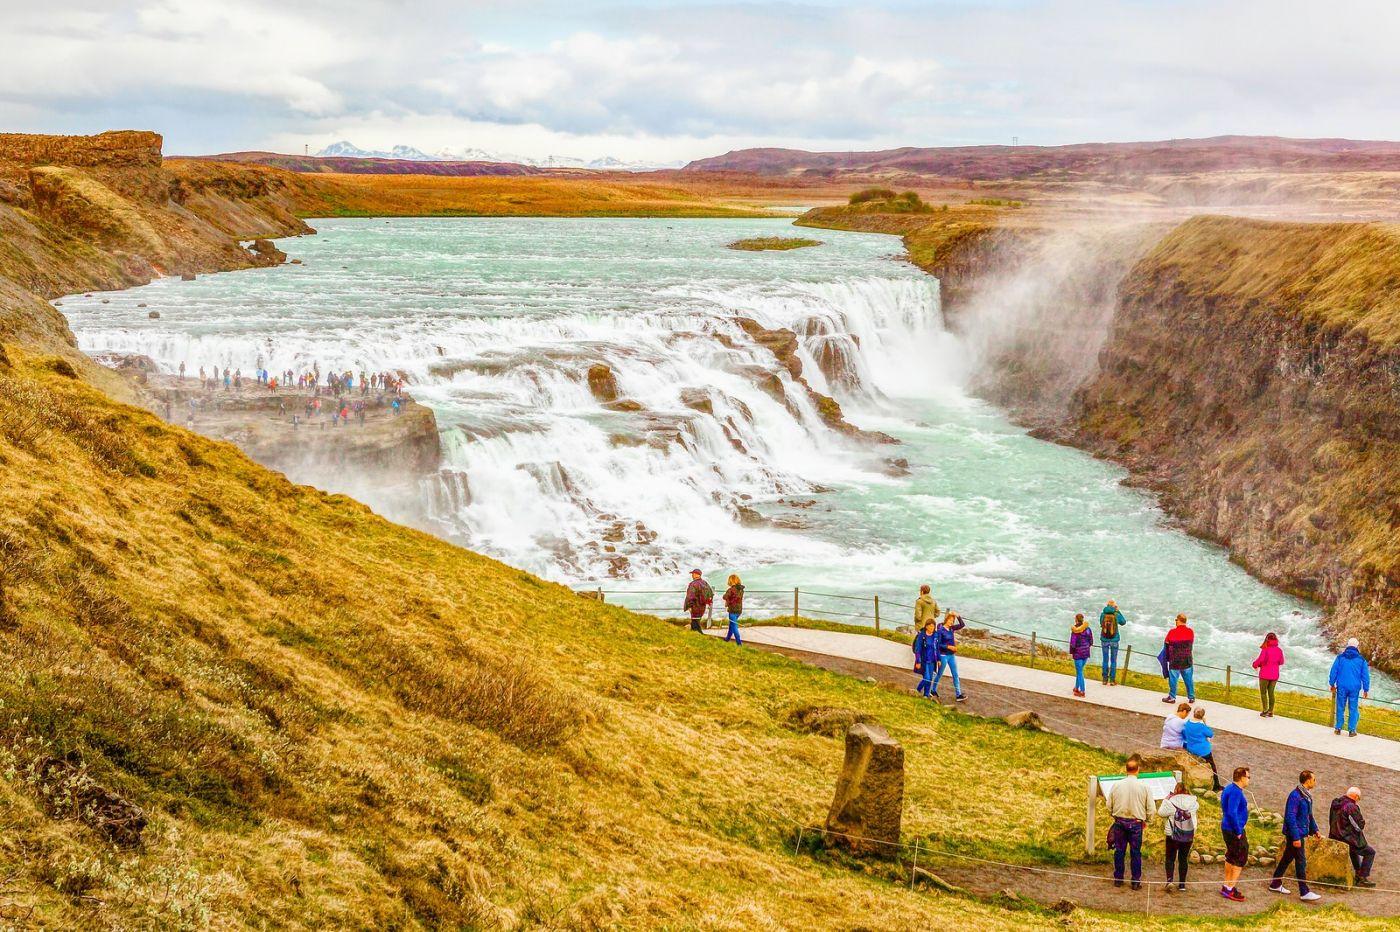 冰岛古佛斯瀑布(Gullfoss),气势磅礴_图1-15